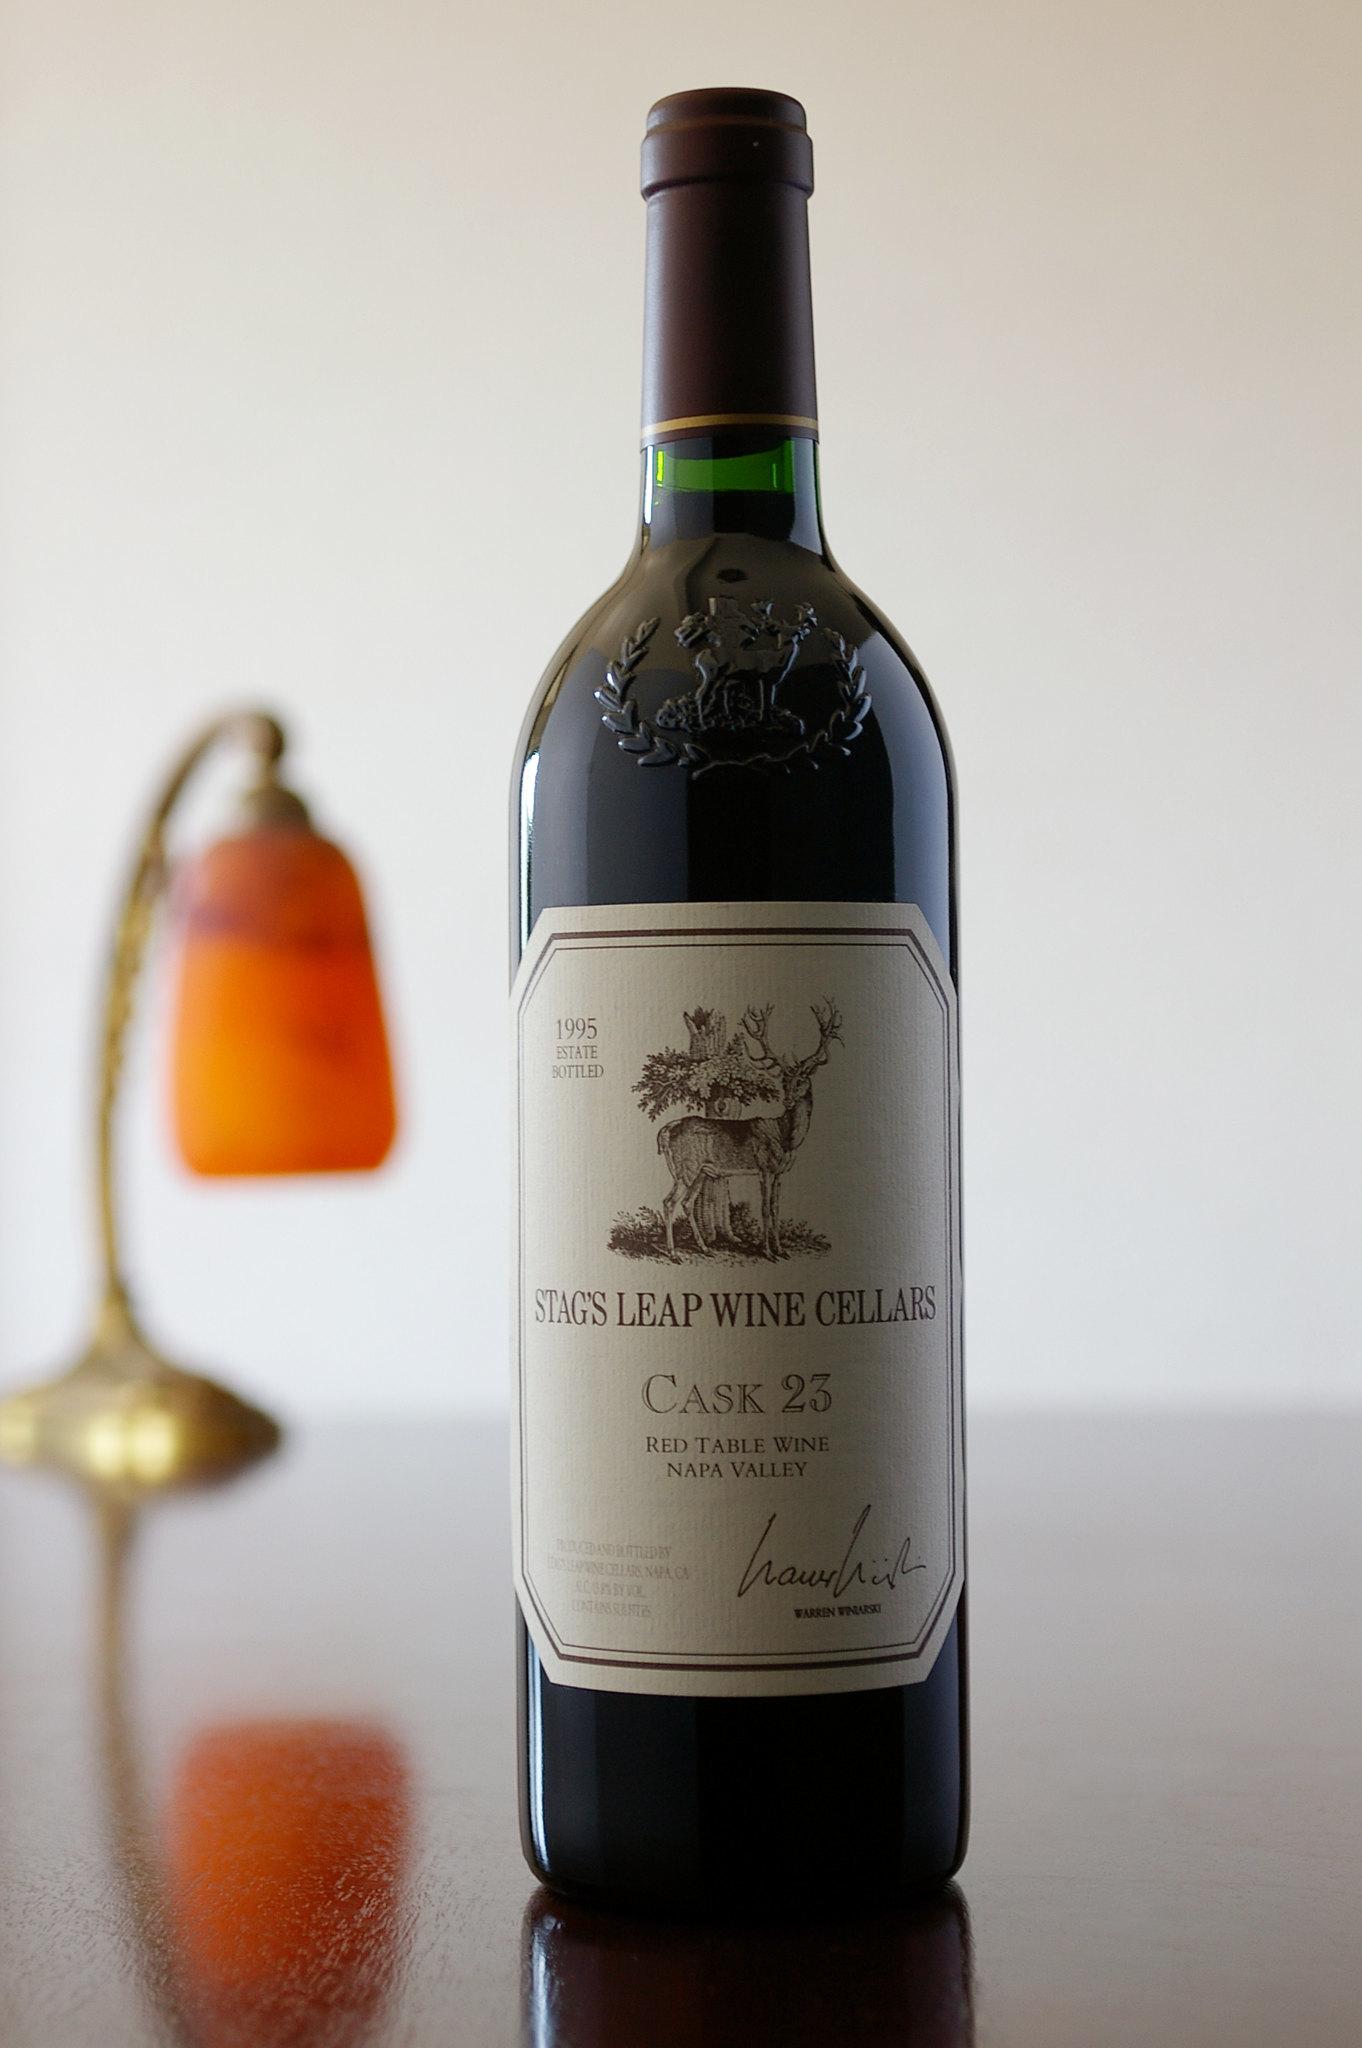 Stag's Leap Wine Cellars Cabernet Sauvignon CASK 23 1995